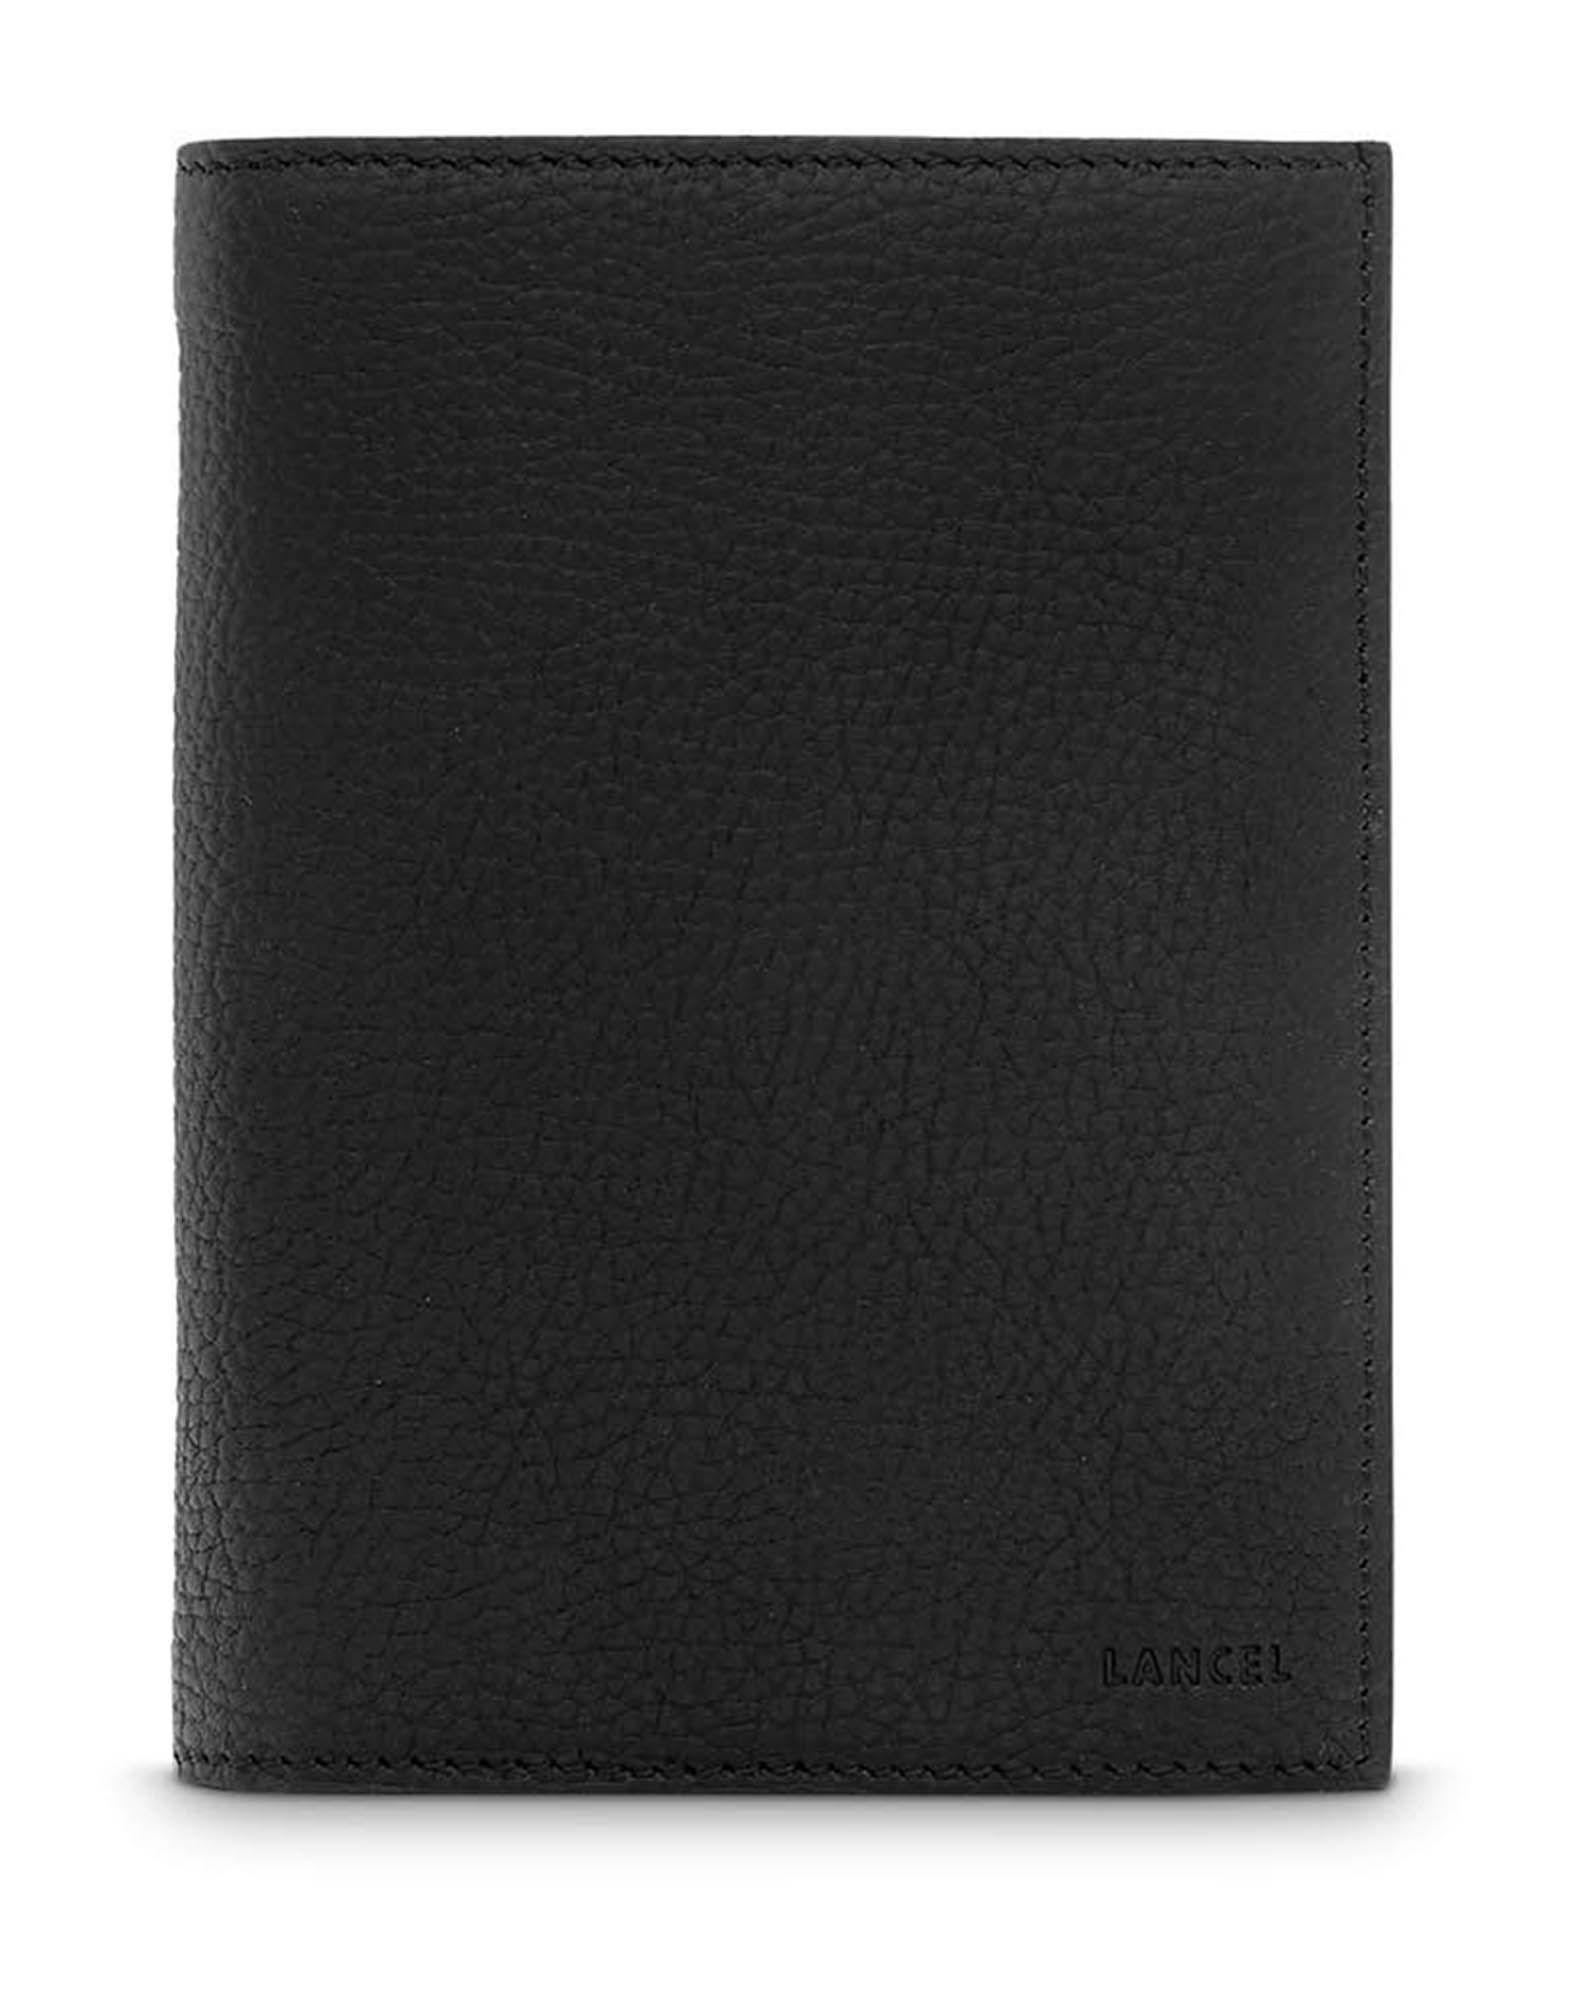 LANCEL Бумажник bison мужская рука сумка длинный кошелек молния бумажник большой емкости мягкой кожи сцепления первый слой кожи черного n8008 1b